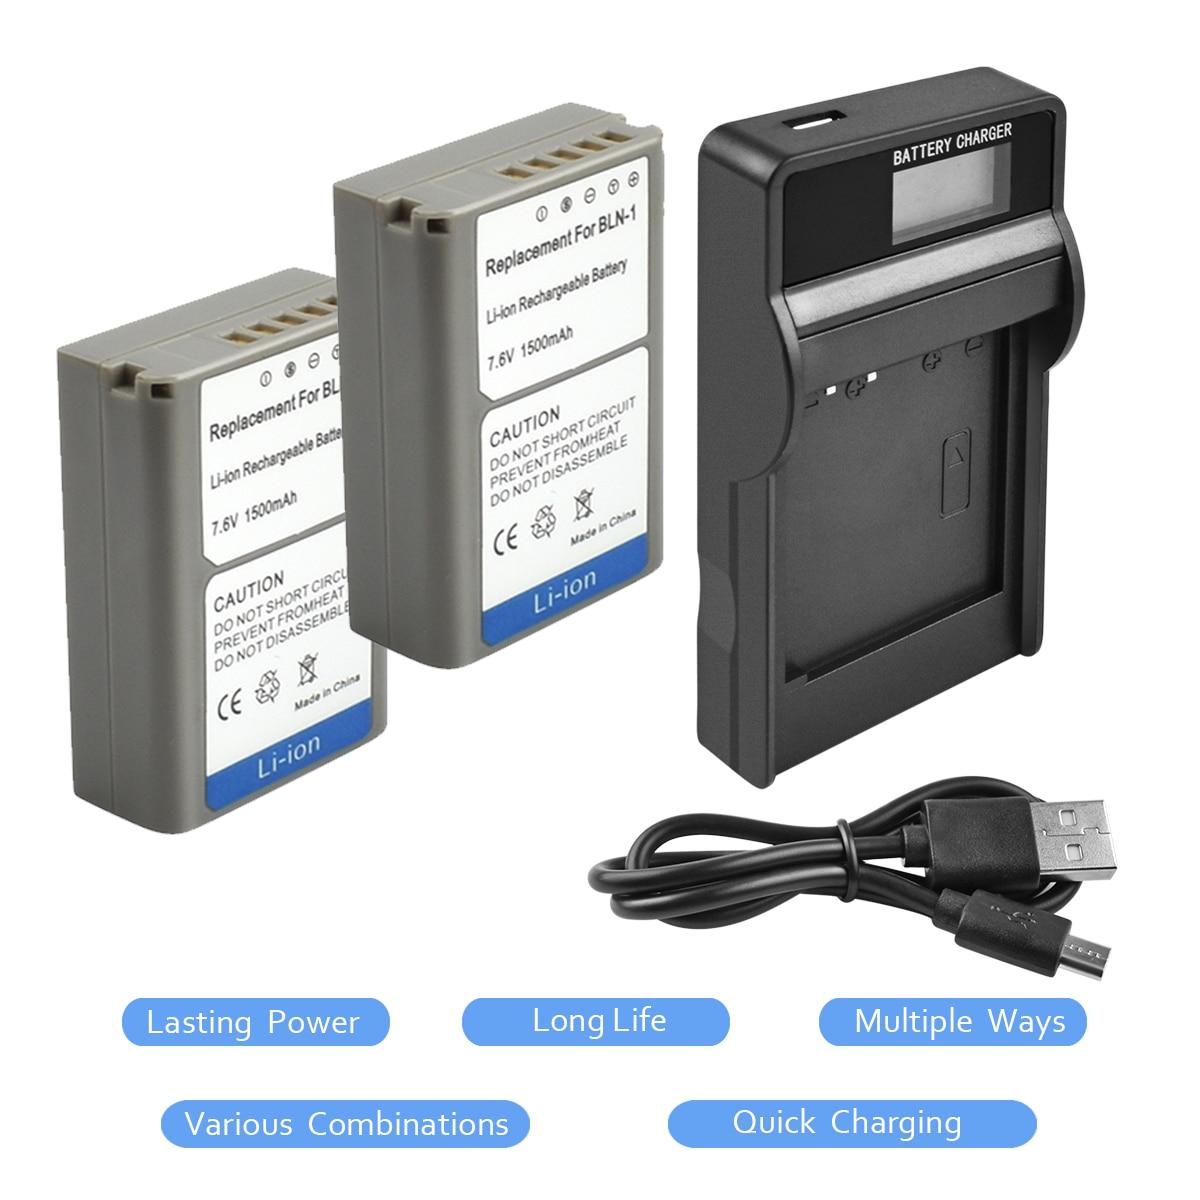 Unterhaltungselektronik Streng Ohd Original 1600 Mah Bln-1 Ps-bln1 Bln 1 Digital Kamera Batterie Für Olympus E-m5 Em5 Omd Om-d